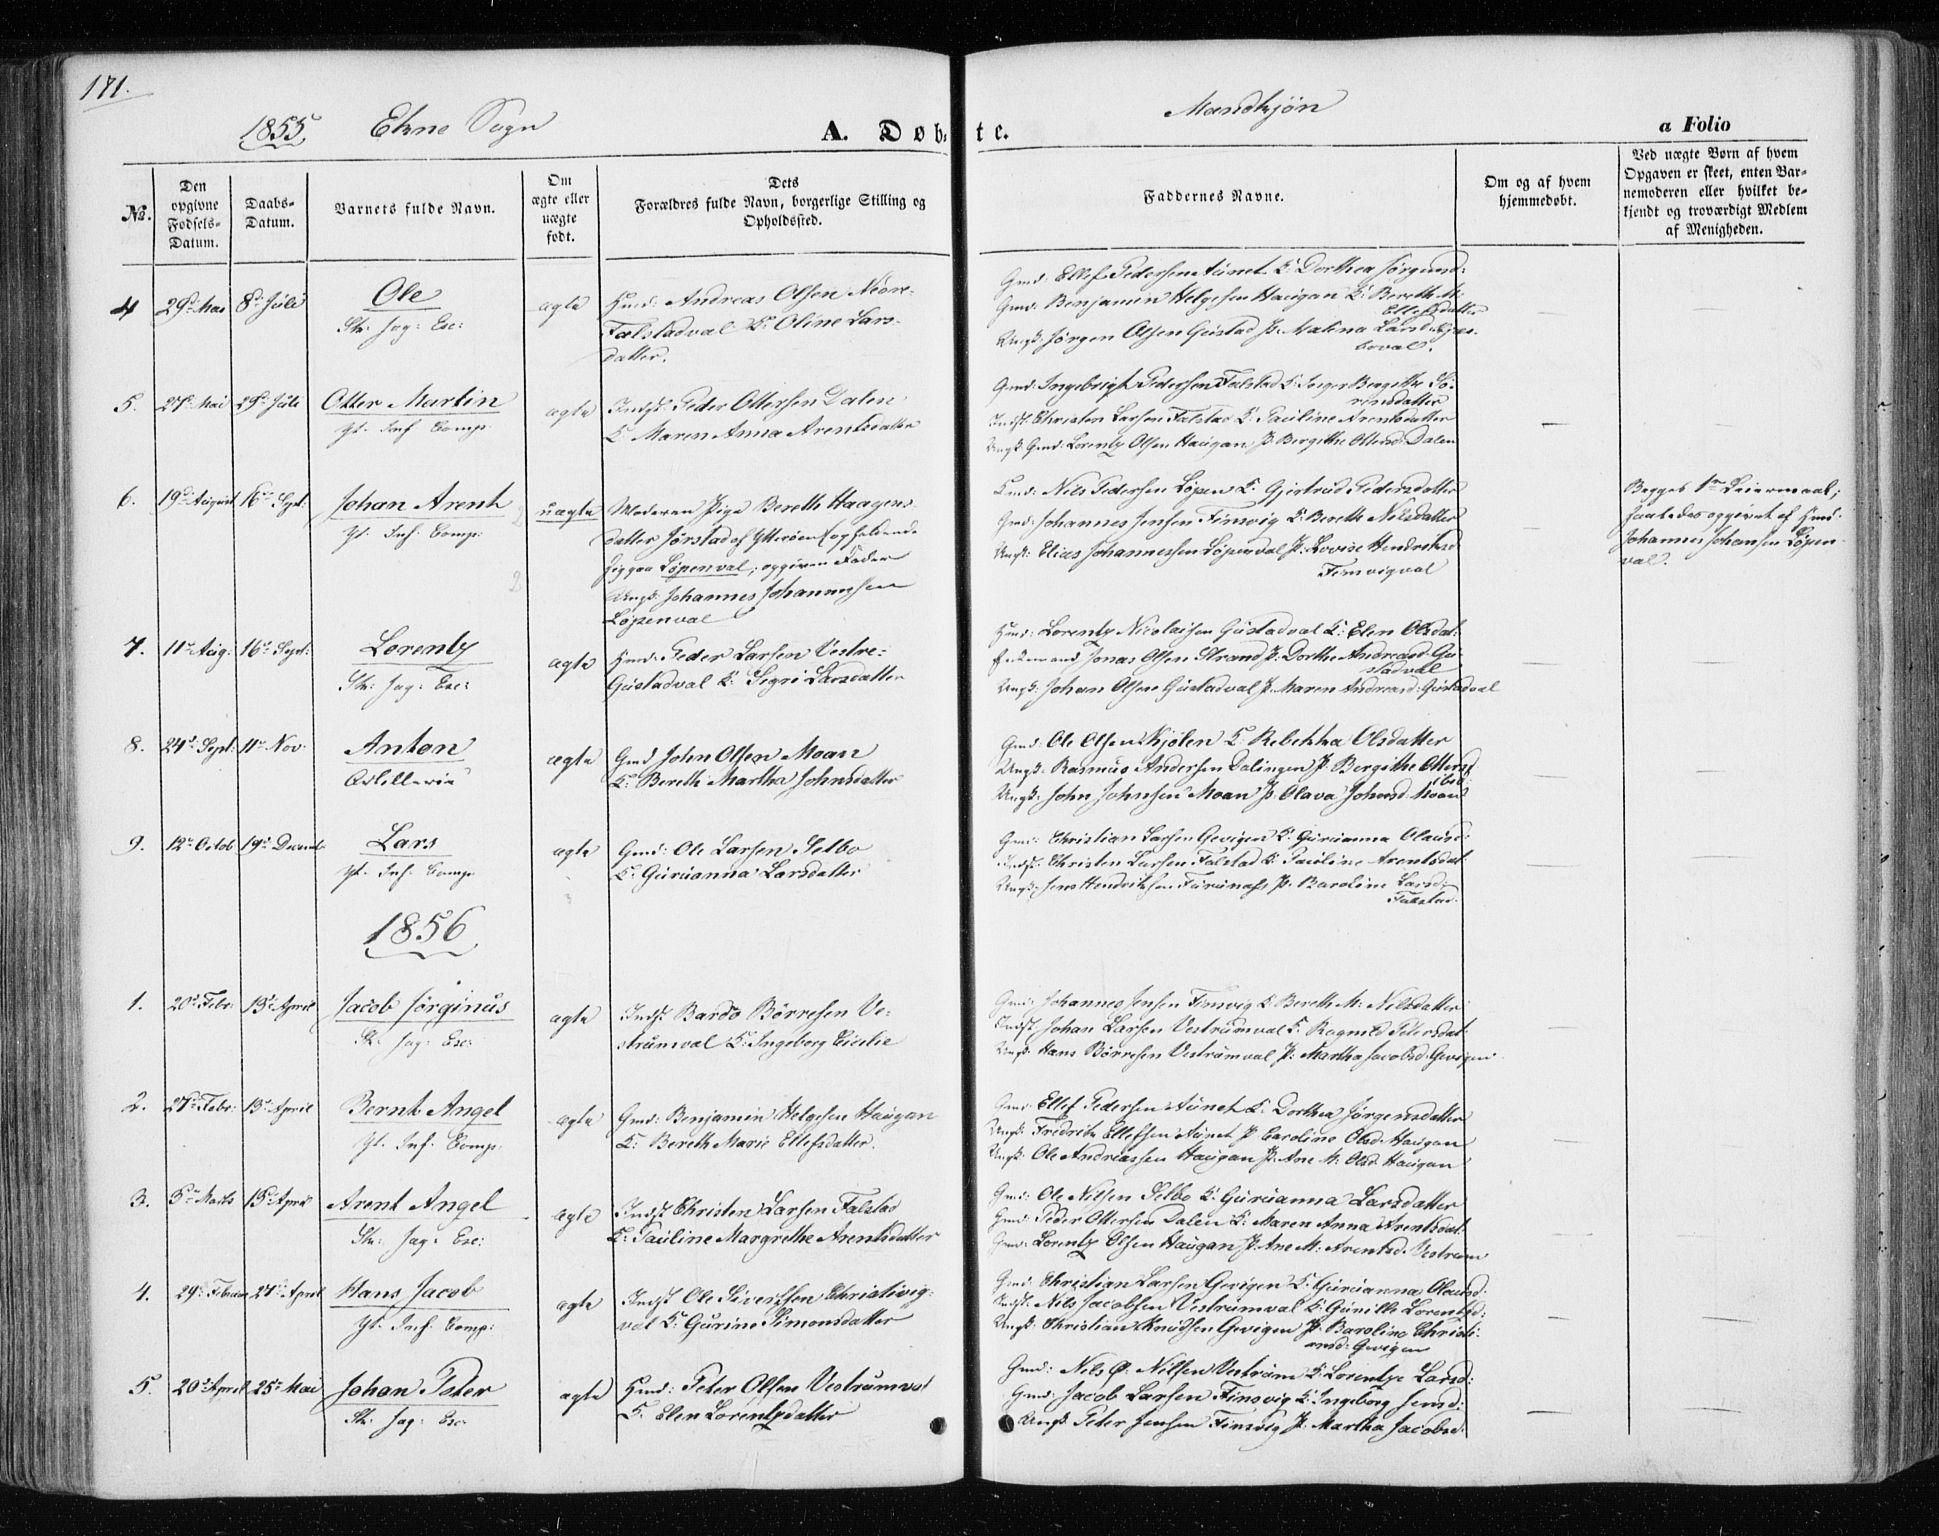 SAT, Ministerialprotokoller, klokkerbøker og fødselsregistre - Nord-Trøndelag, 717/L0154: Ministerialbok nr. 717A07 /3, 1850-1862, s. 171